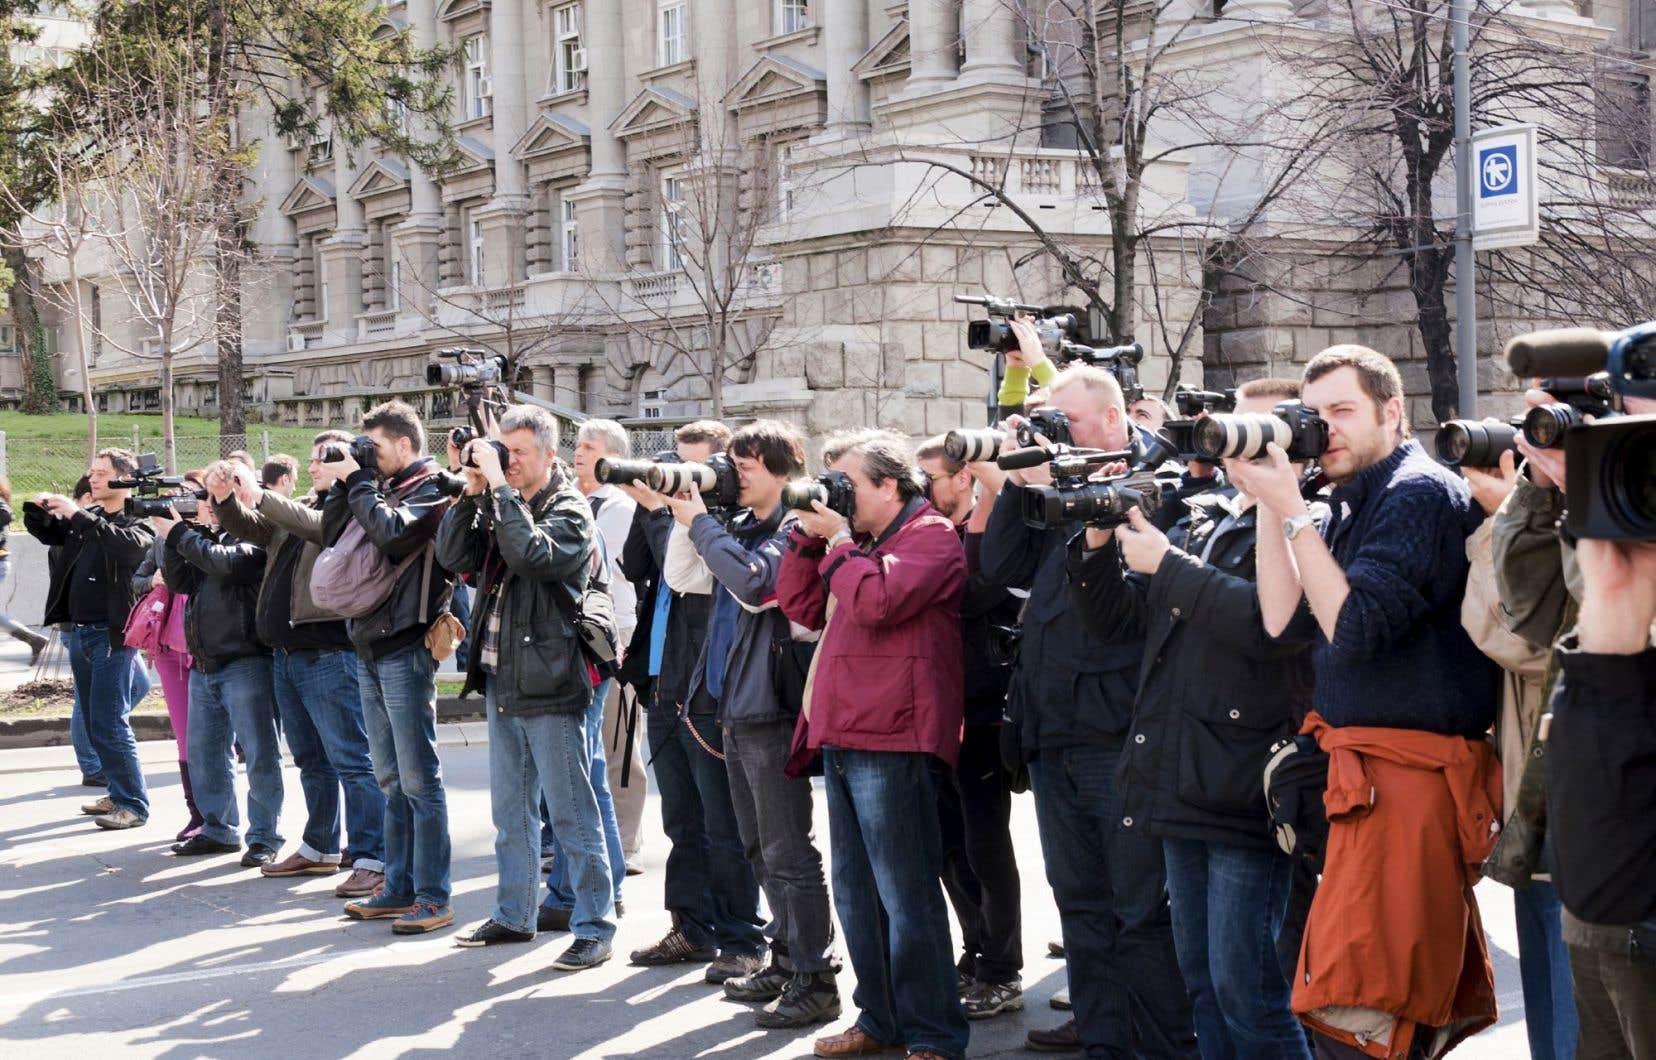 Une étude spécialement commandée pour le congrès a établi que le Québec est l'un des endroits en Occident où l'aide publique aux journaux comme aux médias est la moins élevée dans le monde occidental.